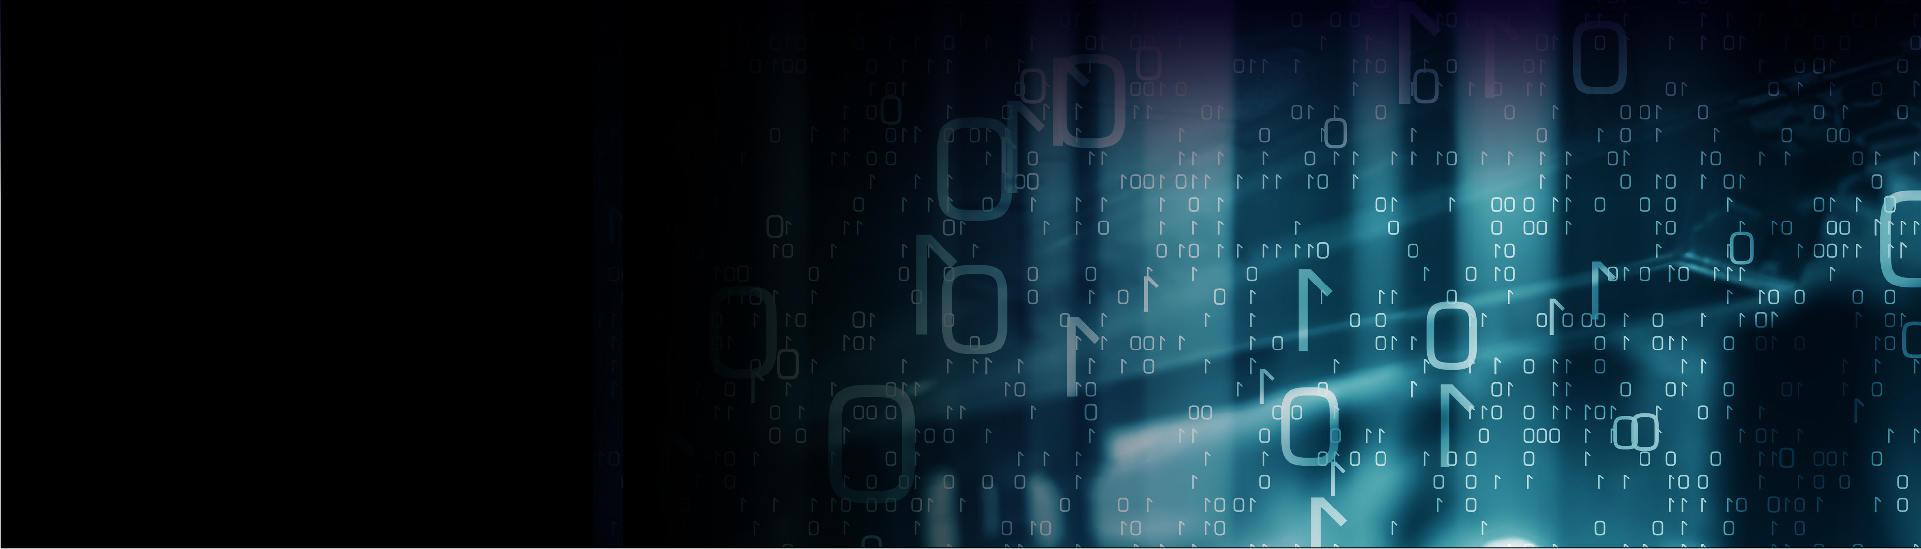 数字化医院副本数据管理及灾备解决方案